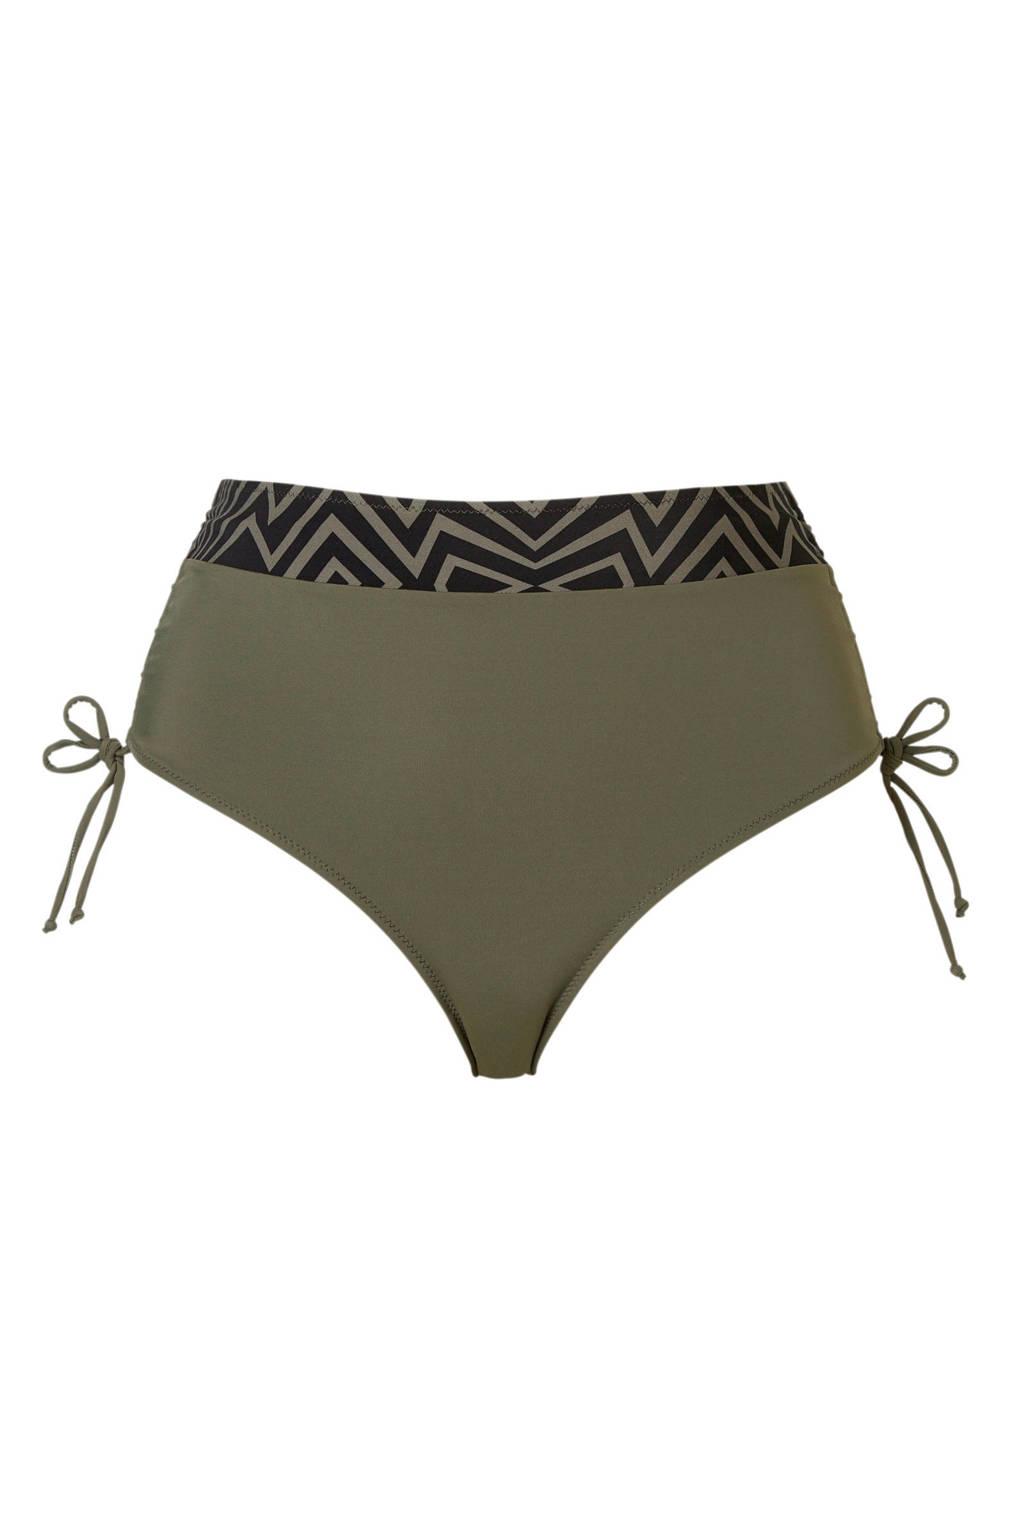 Zizzi bikinibroekje +size met printopdruk groen, Groen/zwart